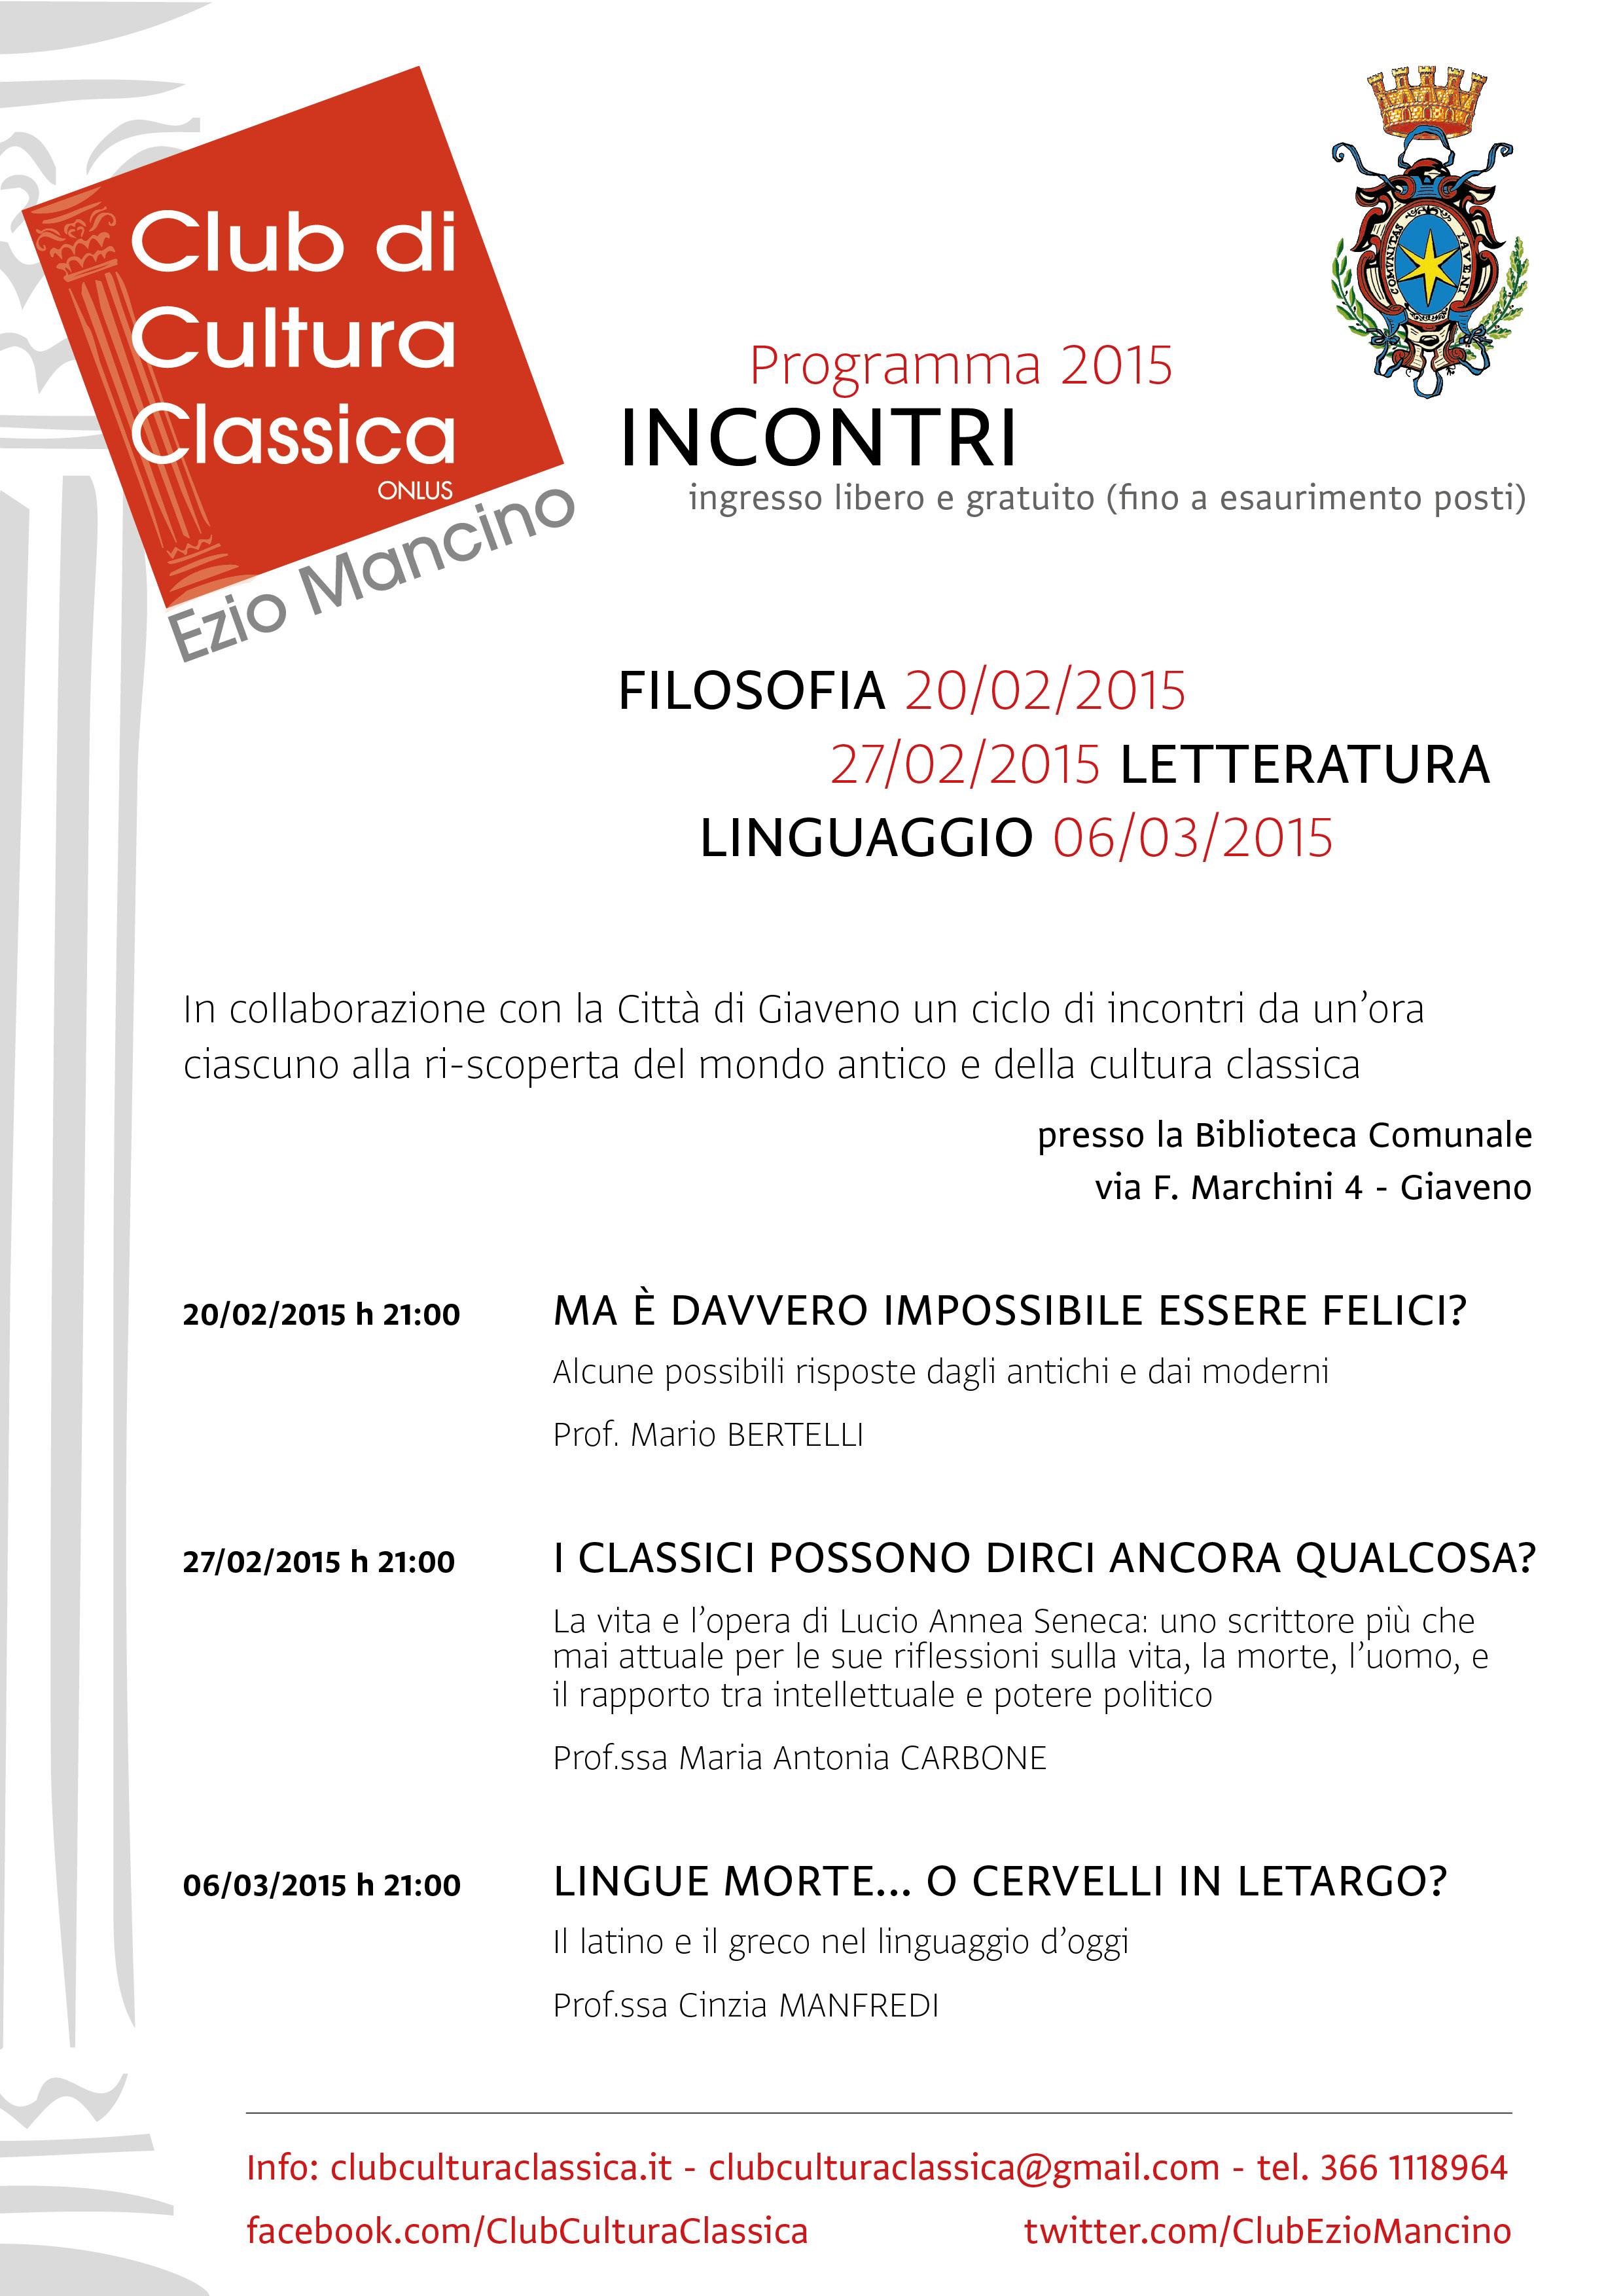 Filosofia, letteratura, linguaggio – Ciclo di tre incontri: venerdì 20 e 27 febbraio e 6 marzo 2015